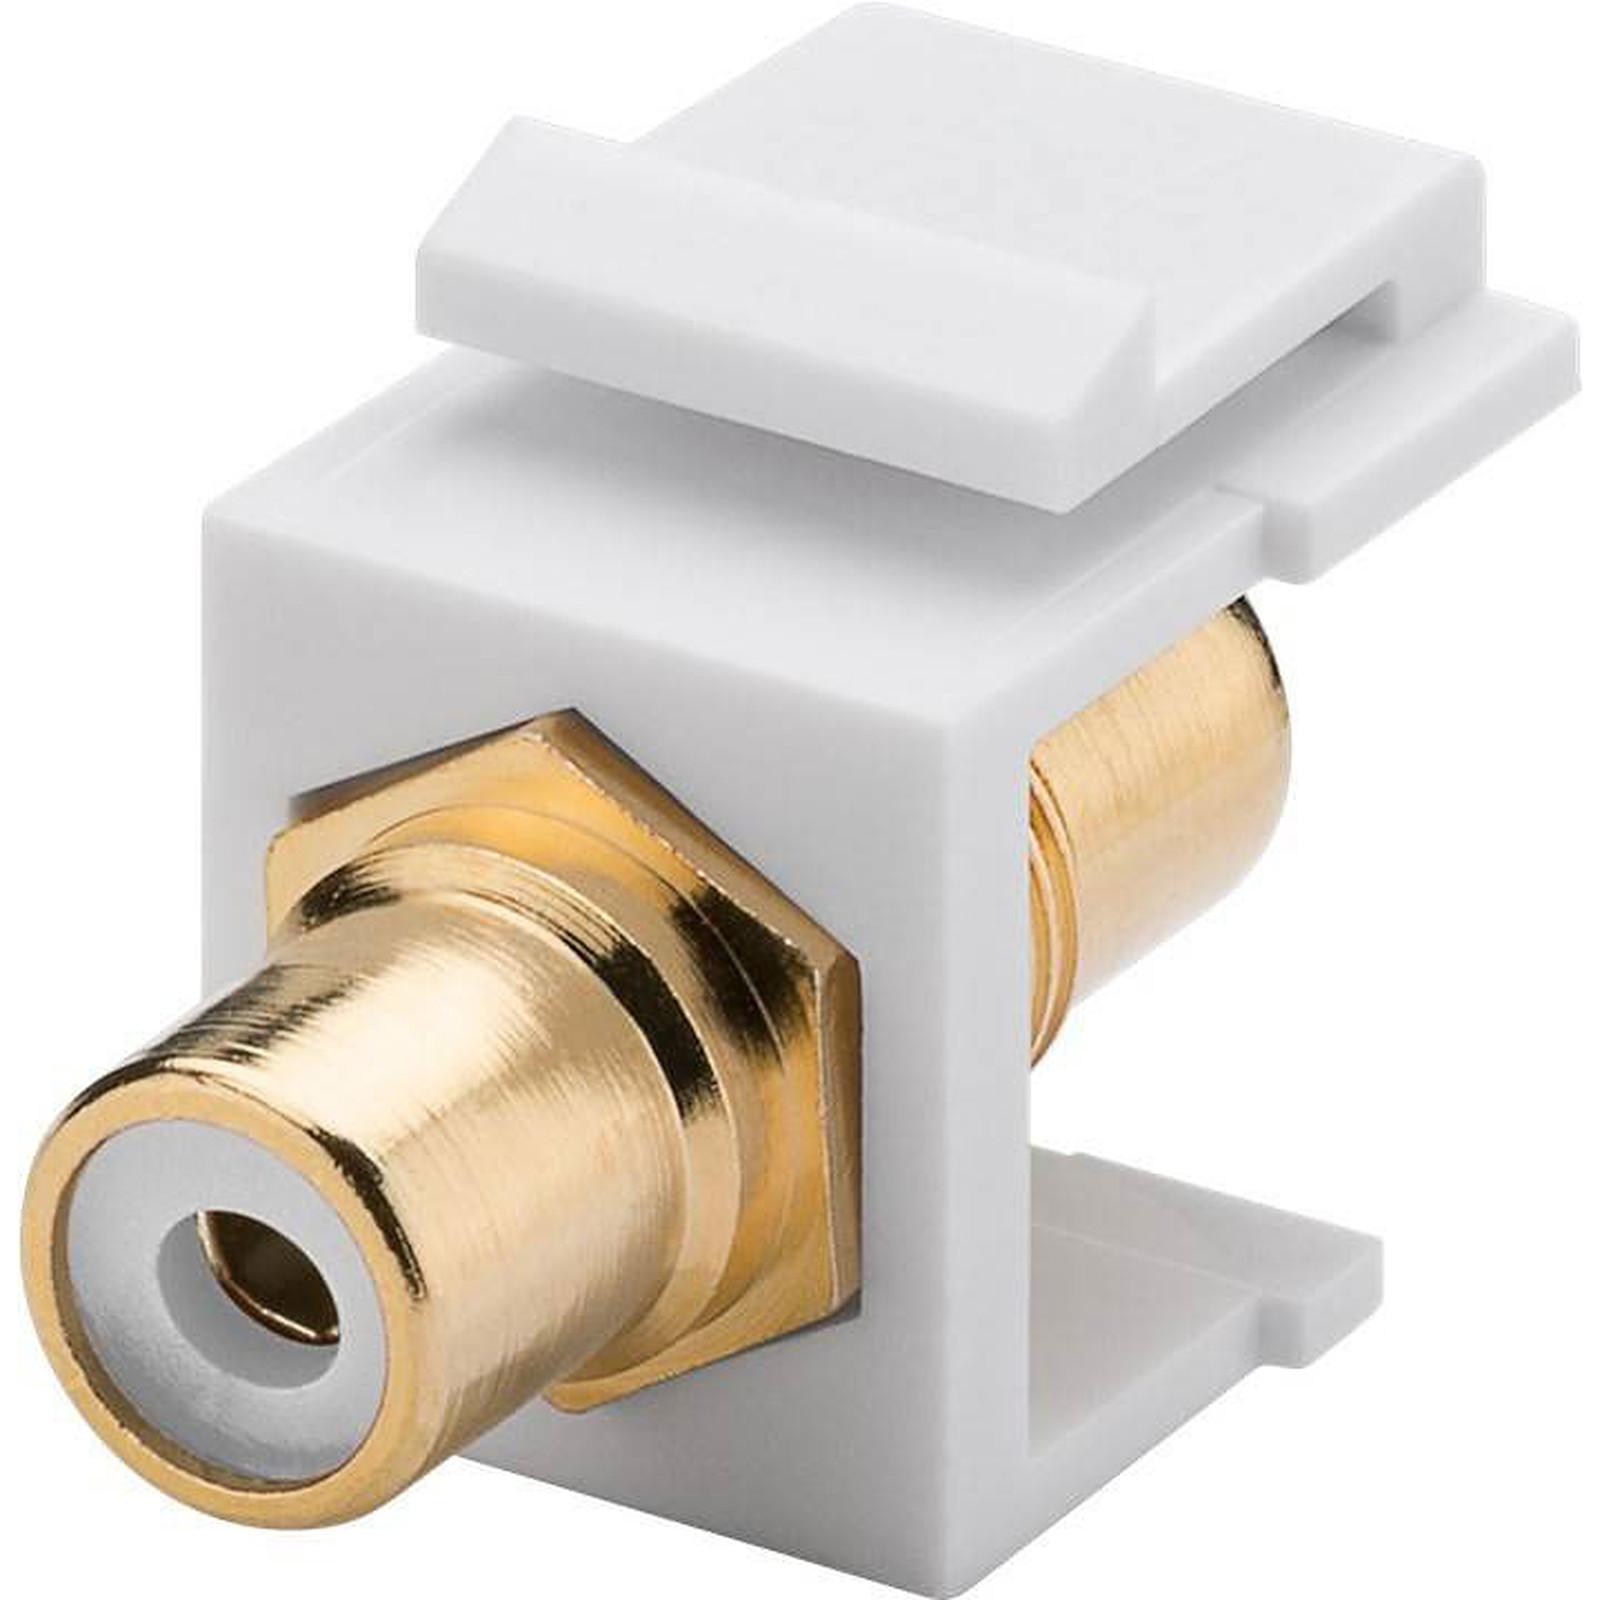 Goobay coupleur RCA blanc pour boitier réseau type Keystone